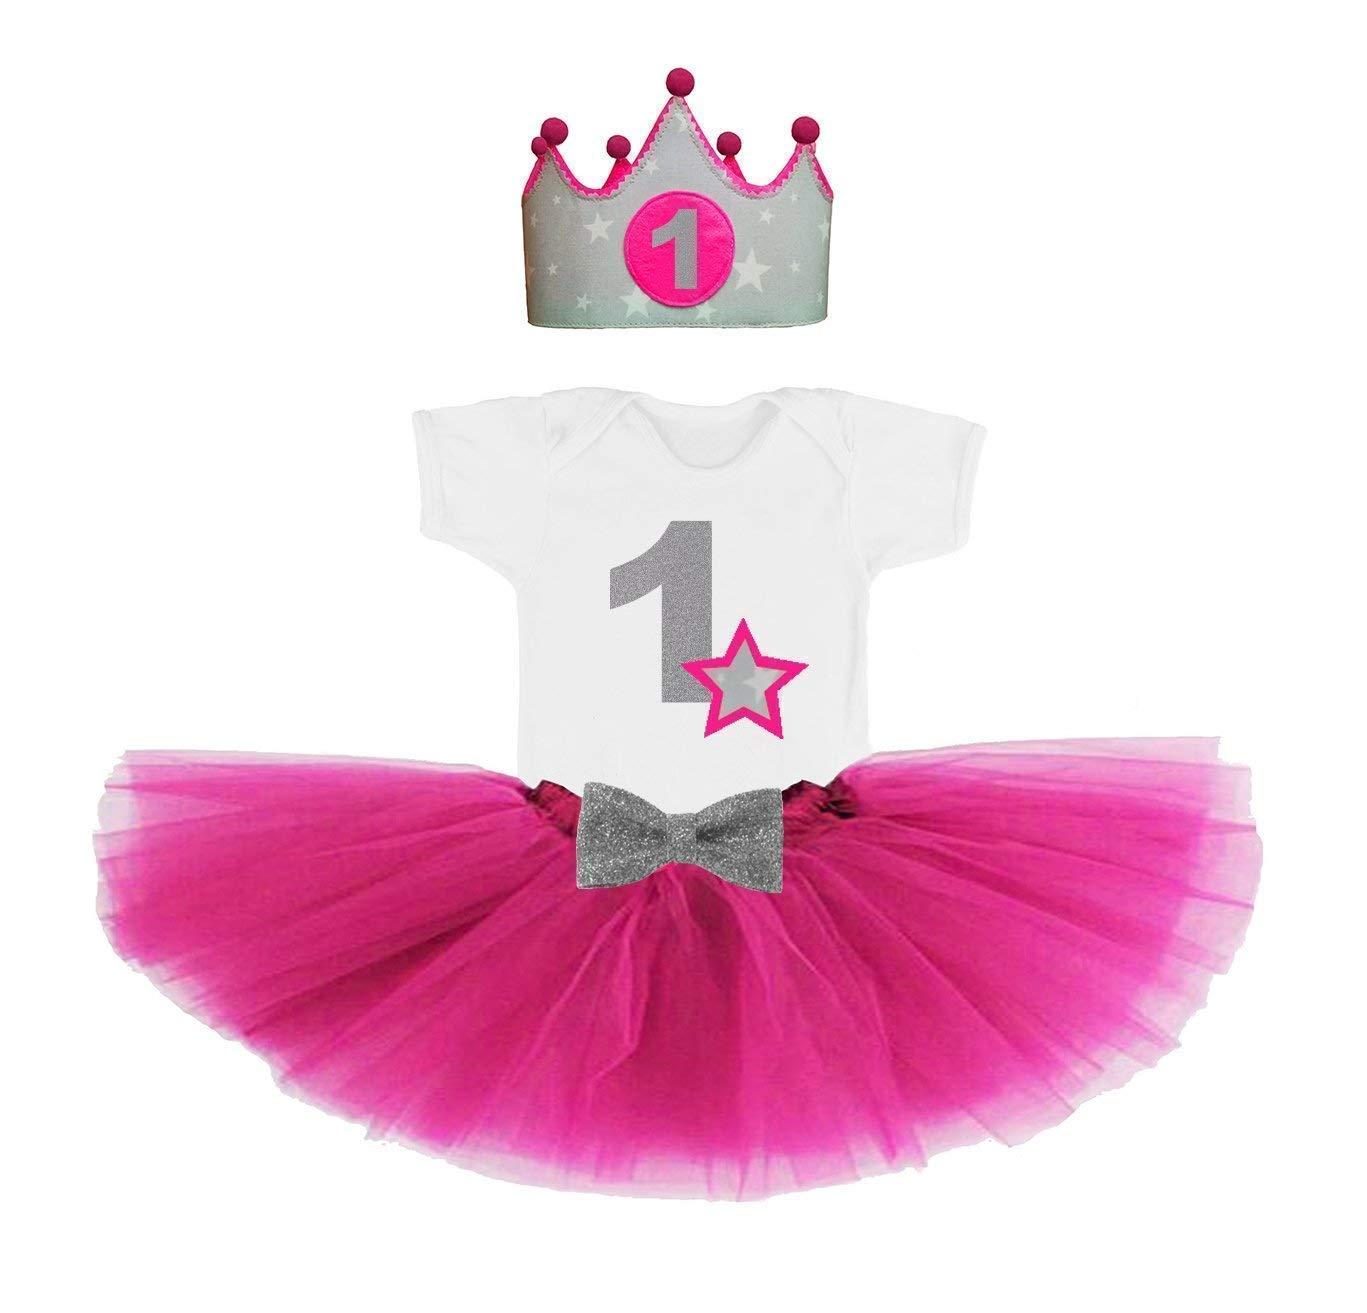 Conjunto primer cumpleañ os 1 añ o para bebes niñ as fucsia (Corona + body o camiseta + tutu)